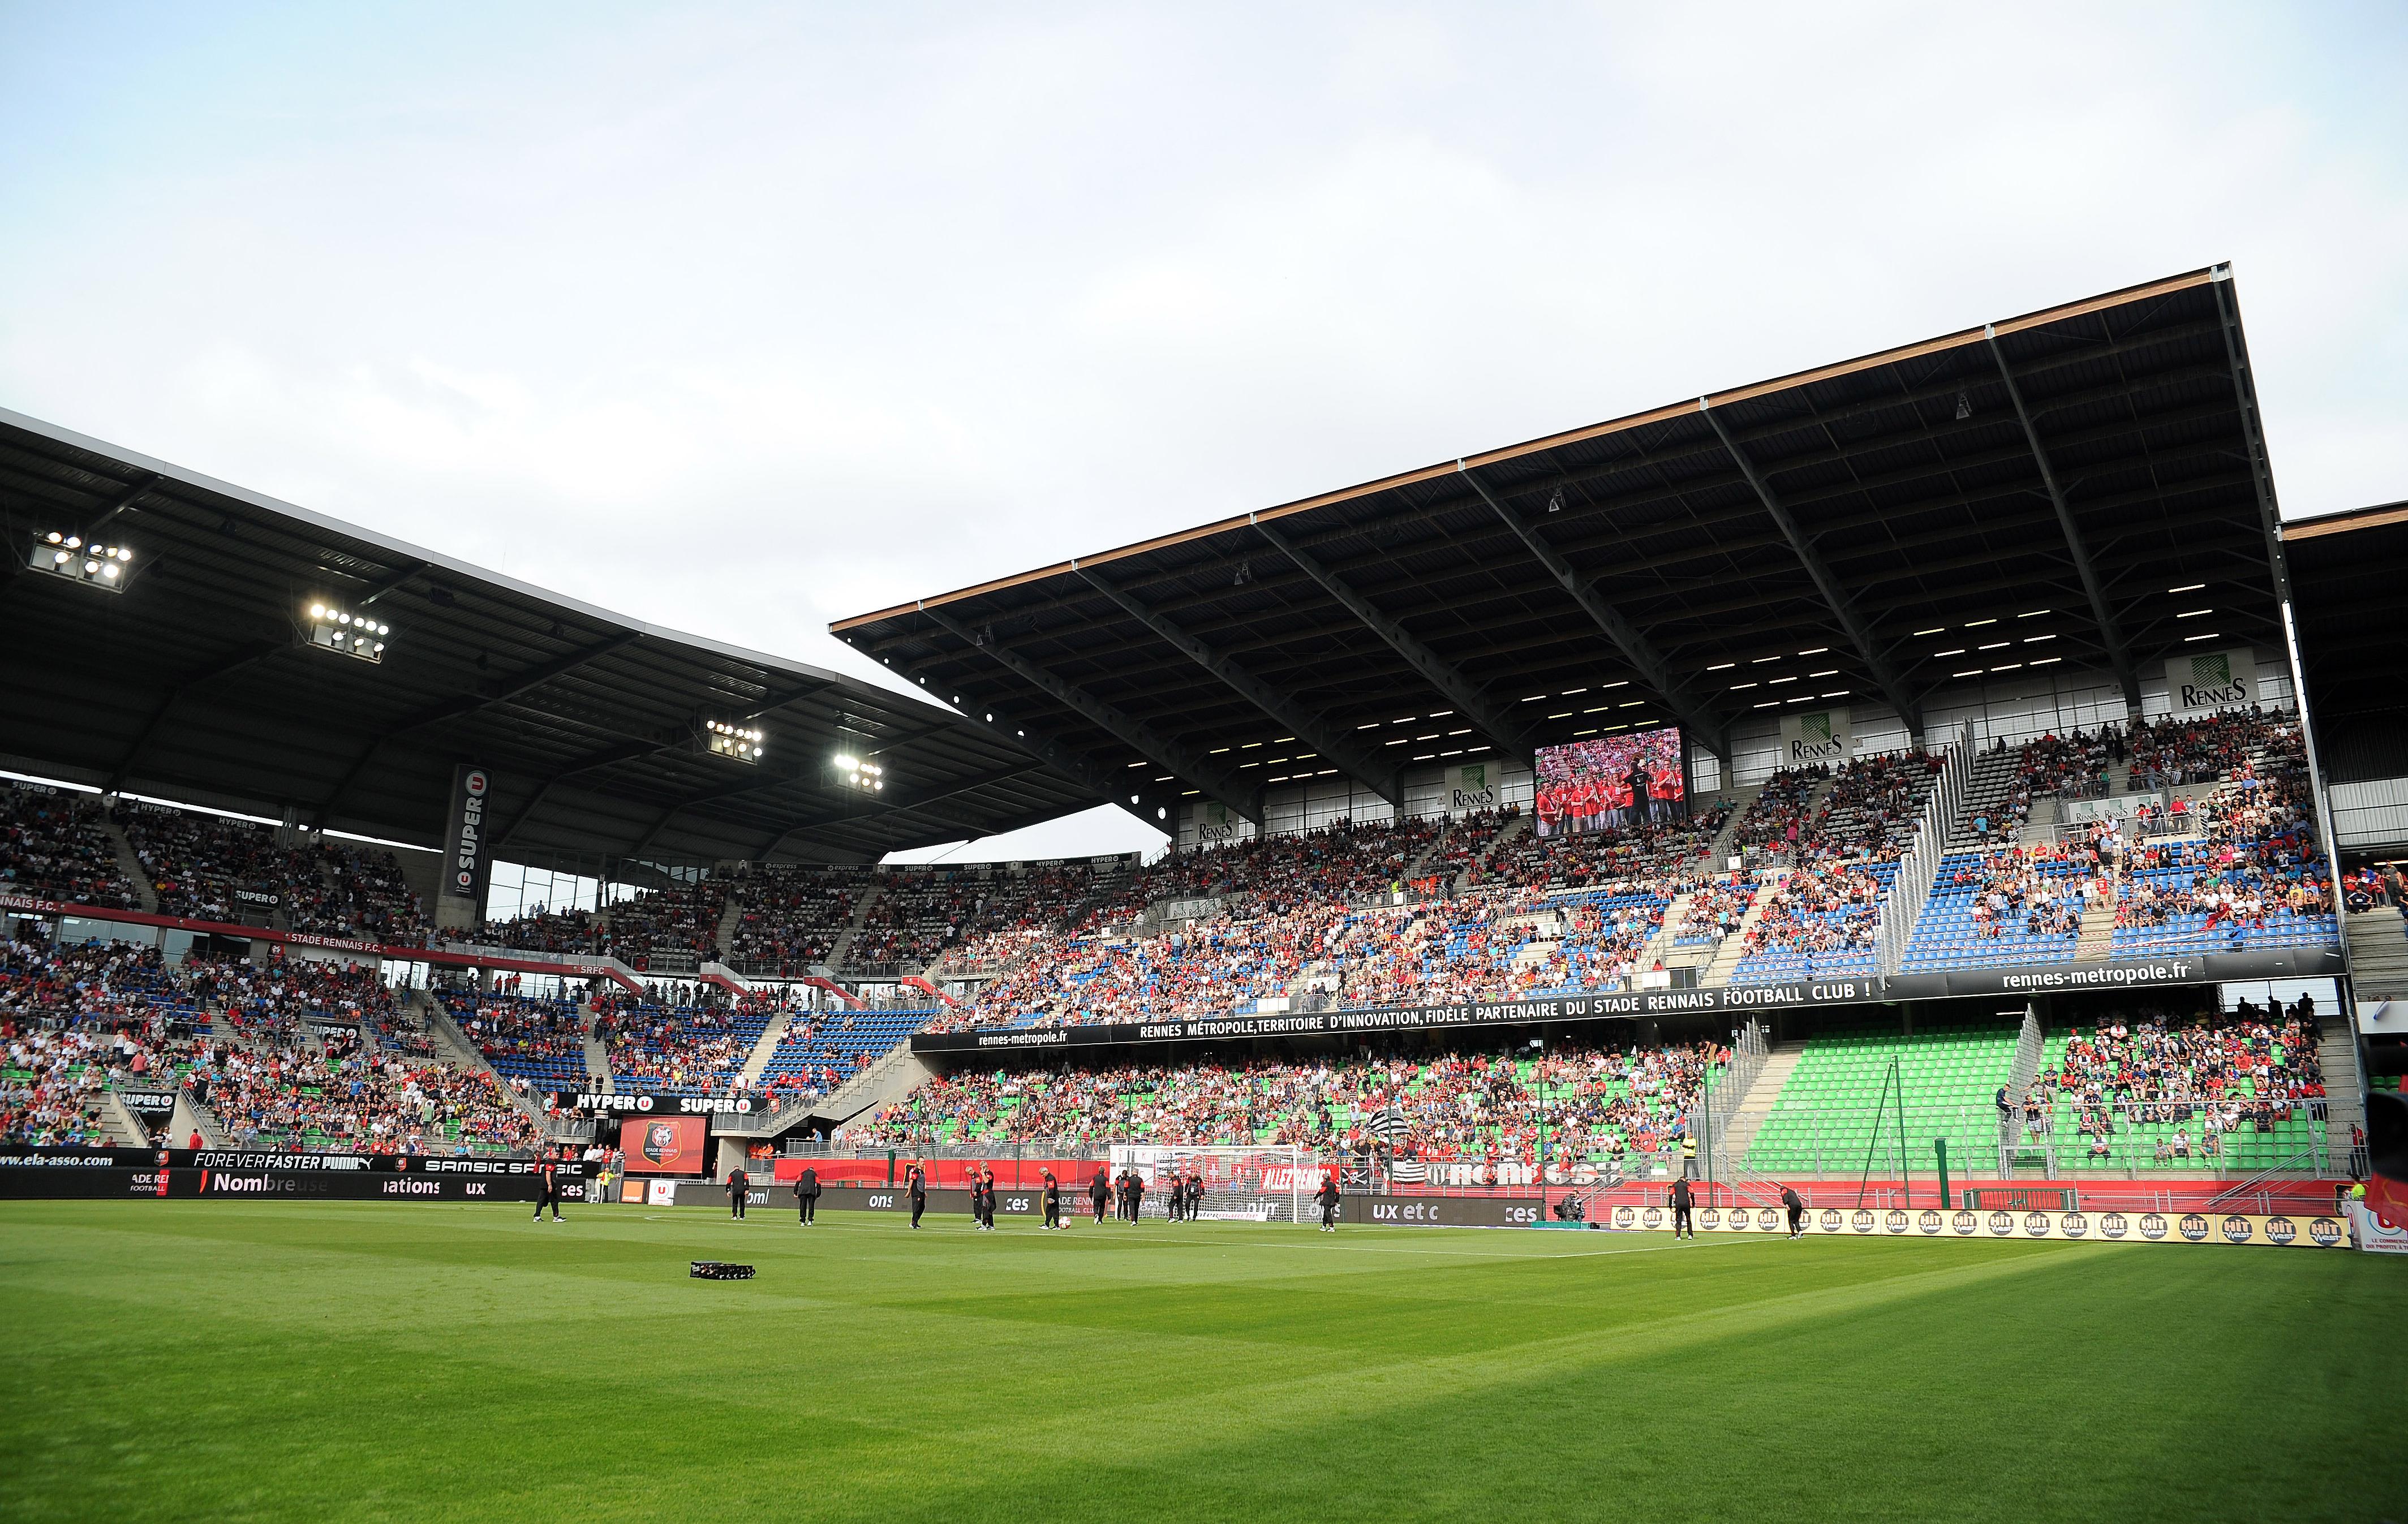 Stades Rennes